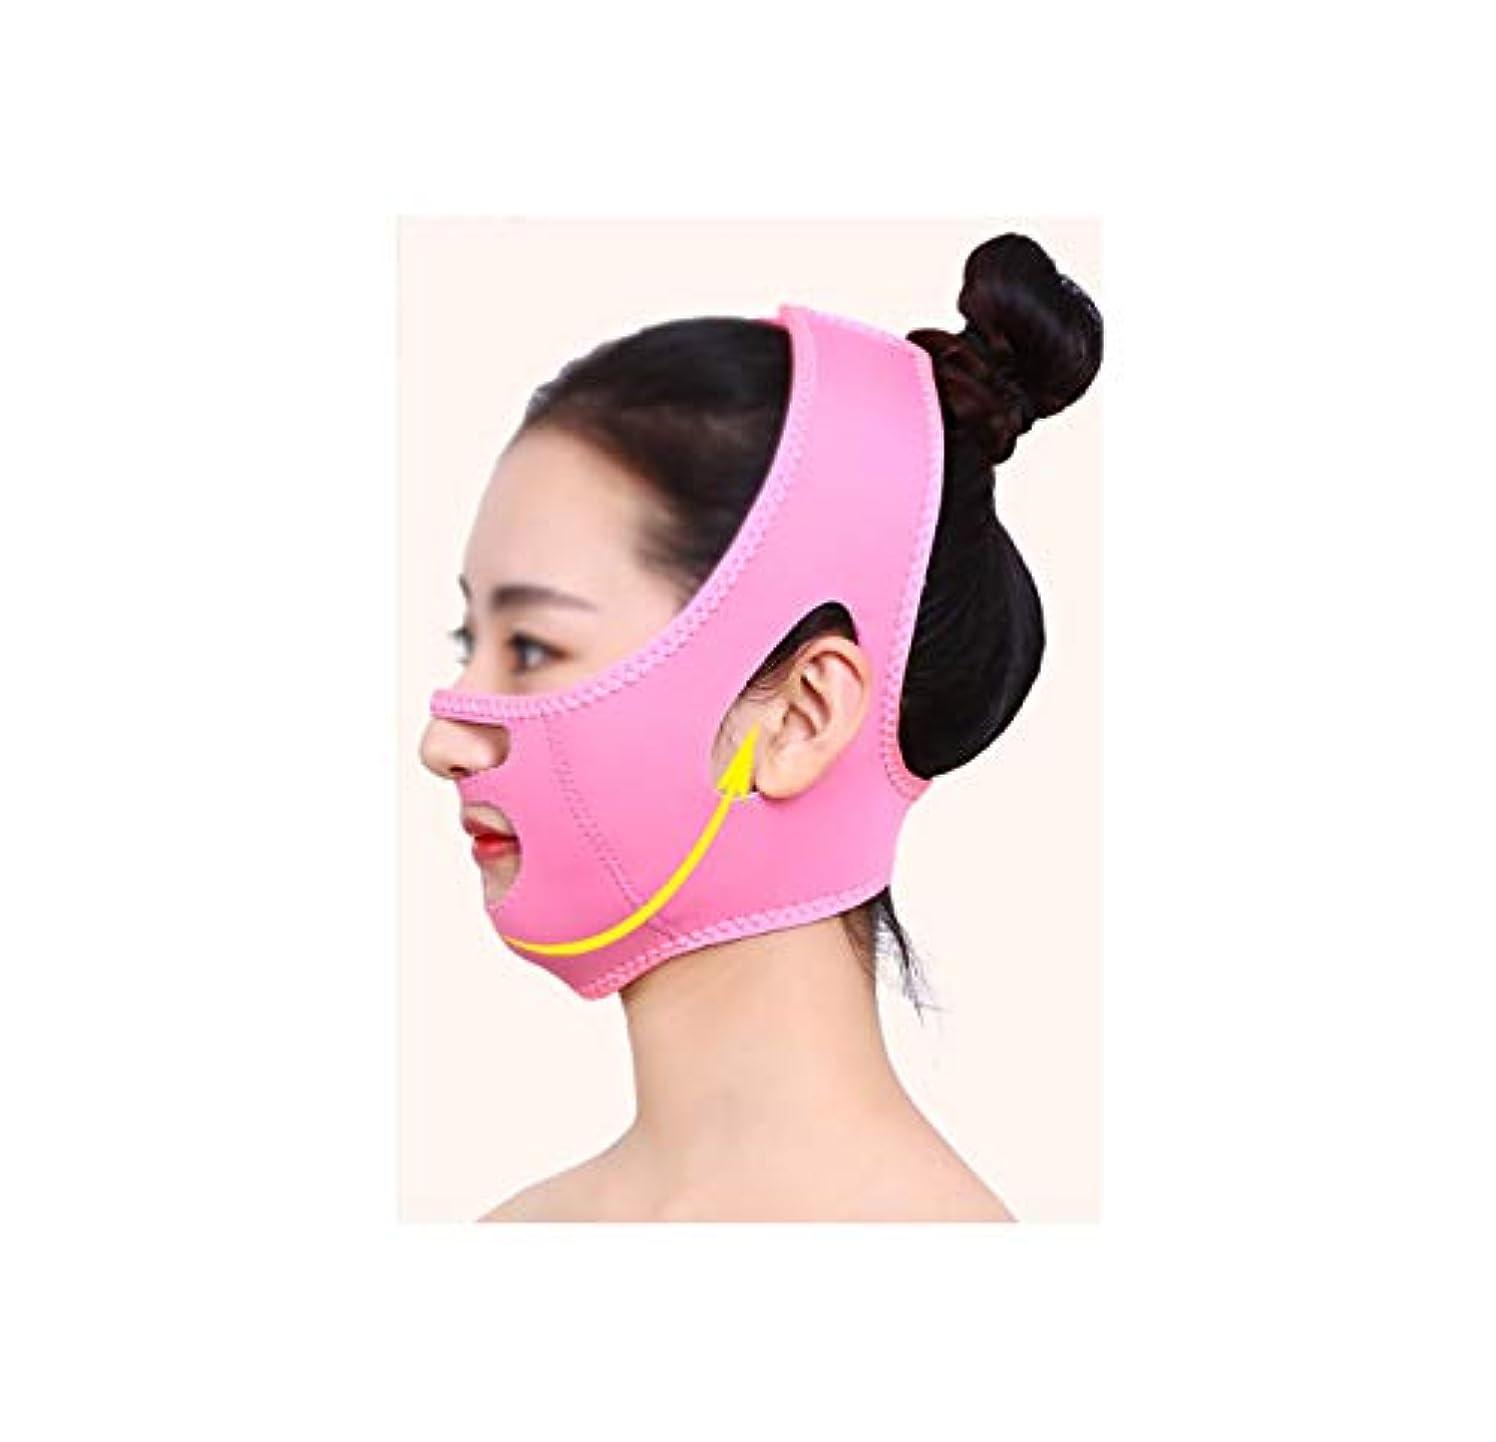 鋭くリスト味方TLMY 薄い顔マスクマスク顔機美容機器ローラー顔薄い顔Vフェイスマスク二重あご包帯アーティファクト 顔用整形マスク